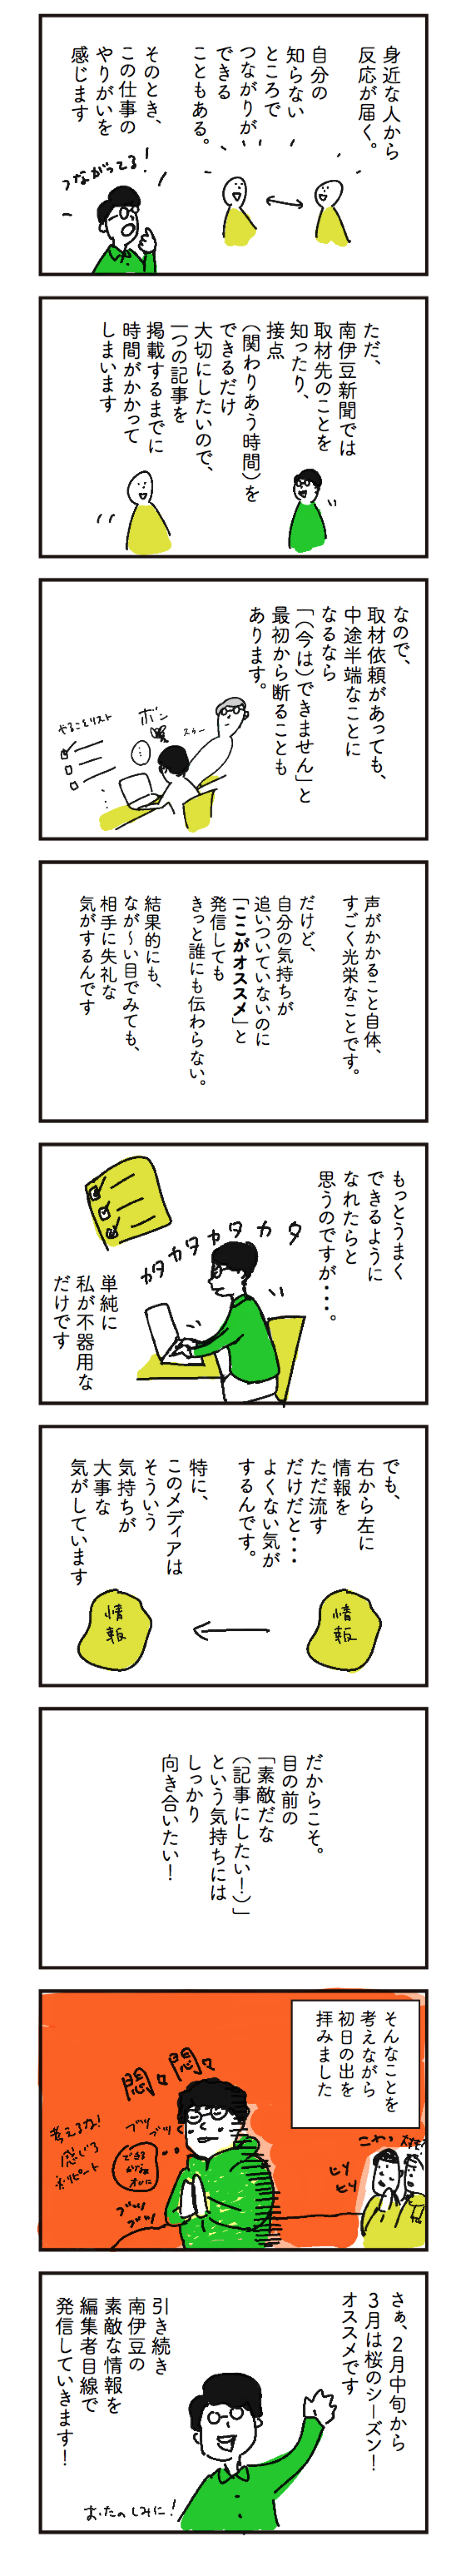 南伊豆漫画3-2